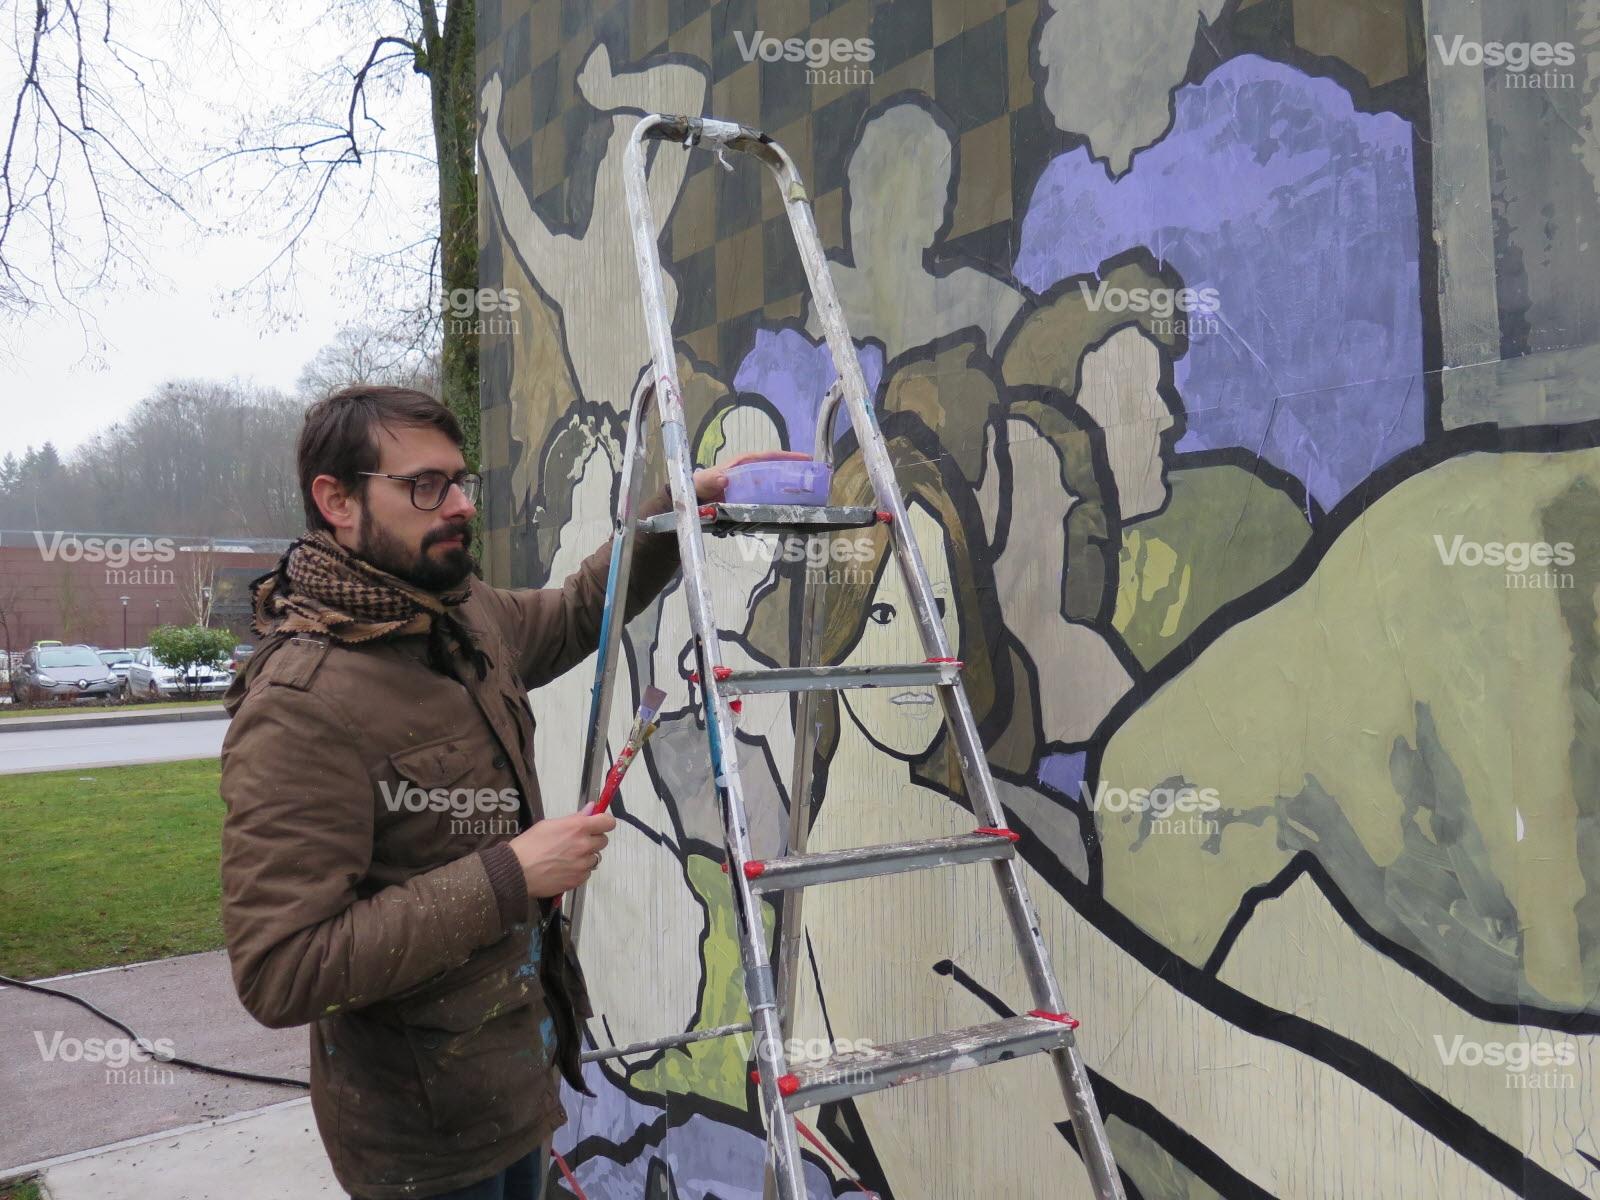 Un Mur dont on n'a pas fini d'entendre parler – Vosges Matin 11 mars 2017